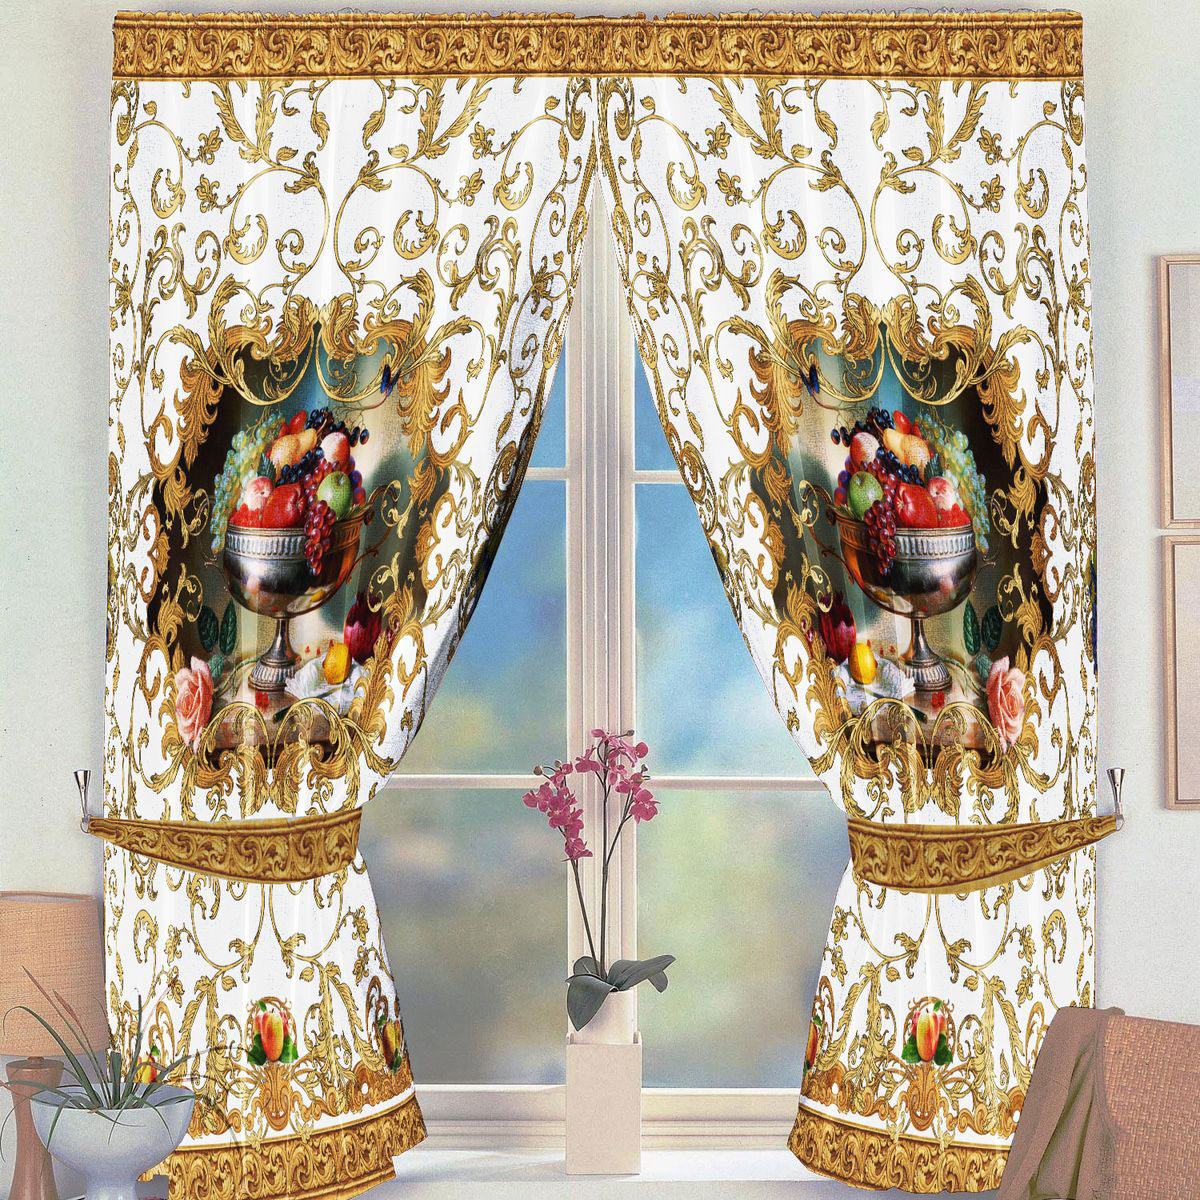 Комплект штор для кухни Zlata Korunka Фрукты, на ленте, цвет: бежевый, высота 160 см21326Комплект штор для кухни Zlata Korunka, выполненный из полиэстера, великолепно украсит любое окно. Комплект состоит из 2 штор. Яркий рисунок и приятная цветовая гамма привлекут к себе внимание и органично впишутся в интерьер помещения. Этот комплект будет долгое время радовать вас и вашу семью.Комплект крепится на карниз при помощи ленты, которая поможет красиво и равномерно задрапировать верх.